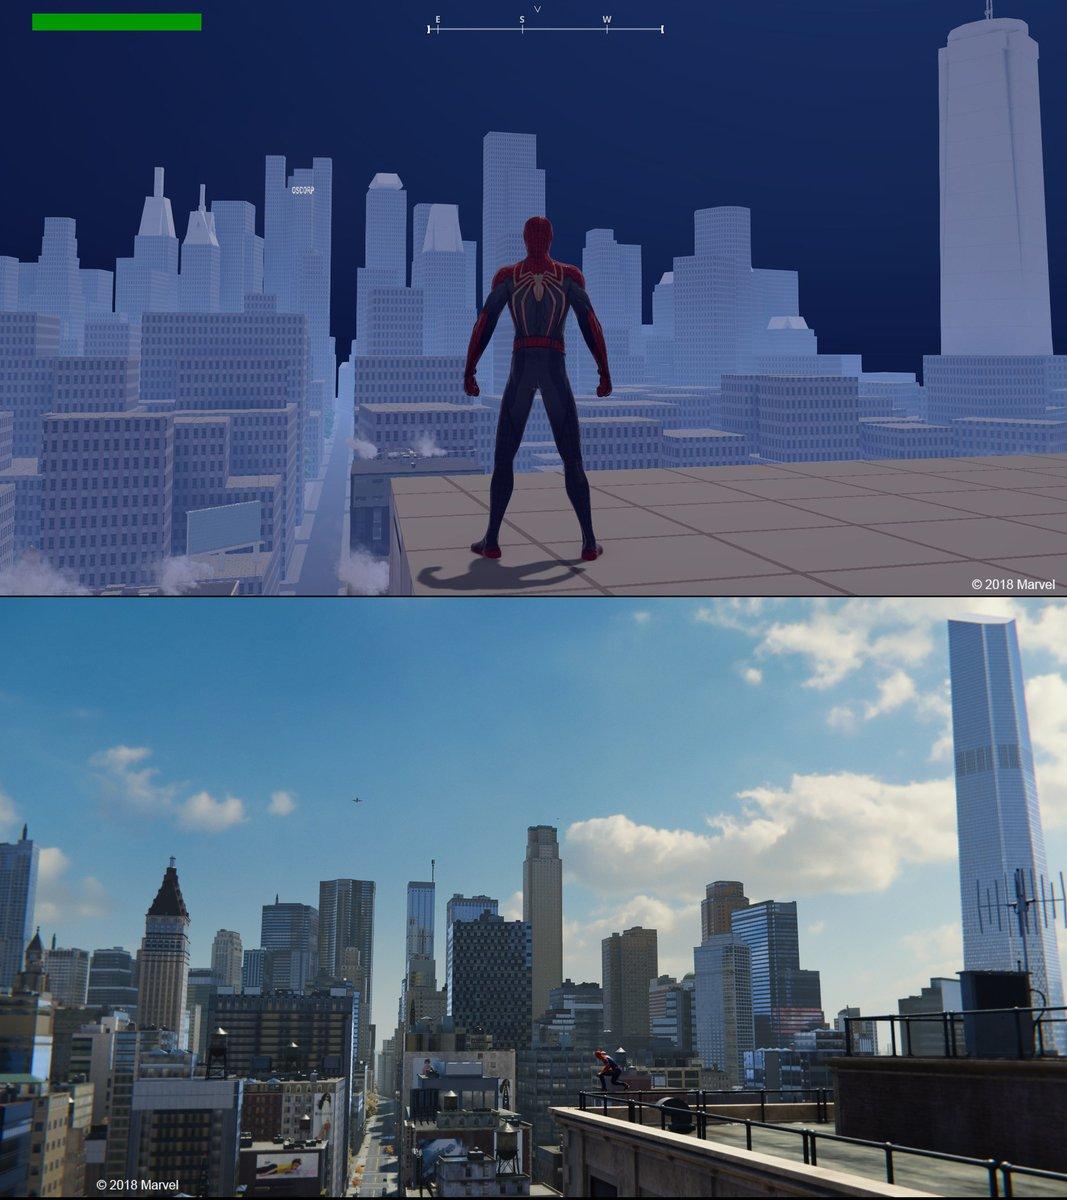 Ранний прототип игры - Marvel's Spider-Man